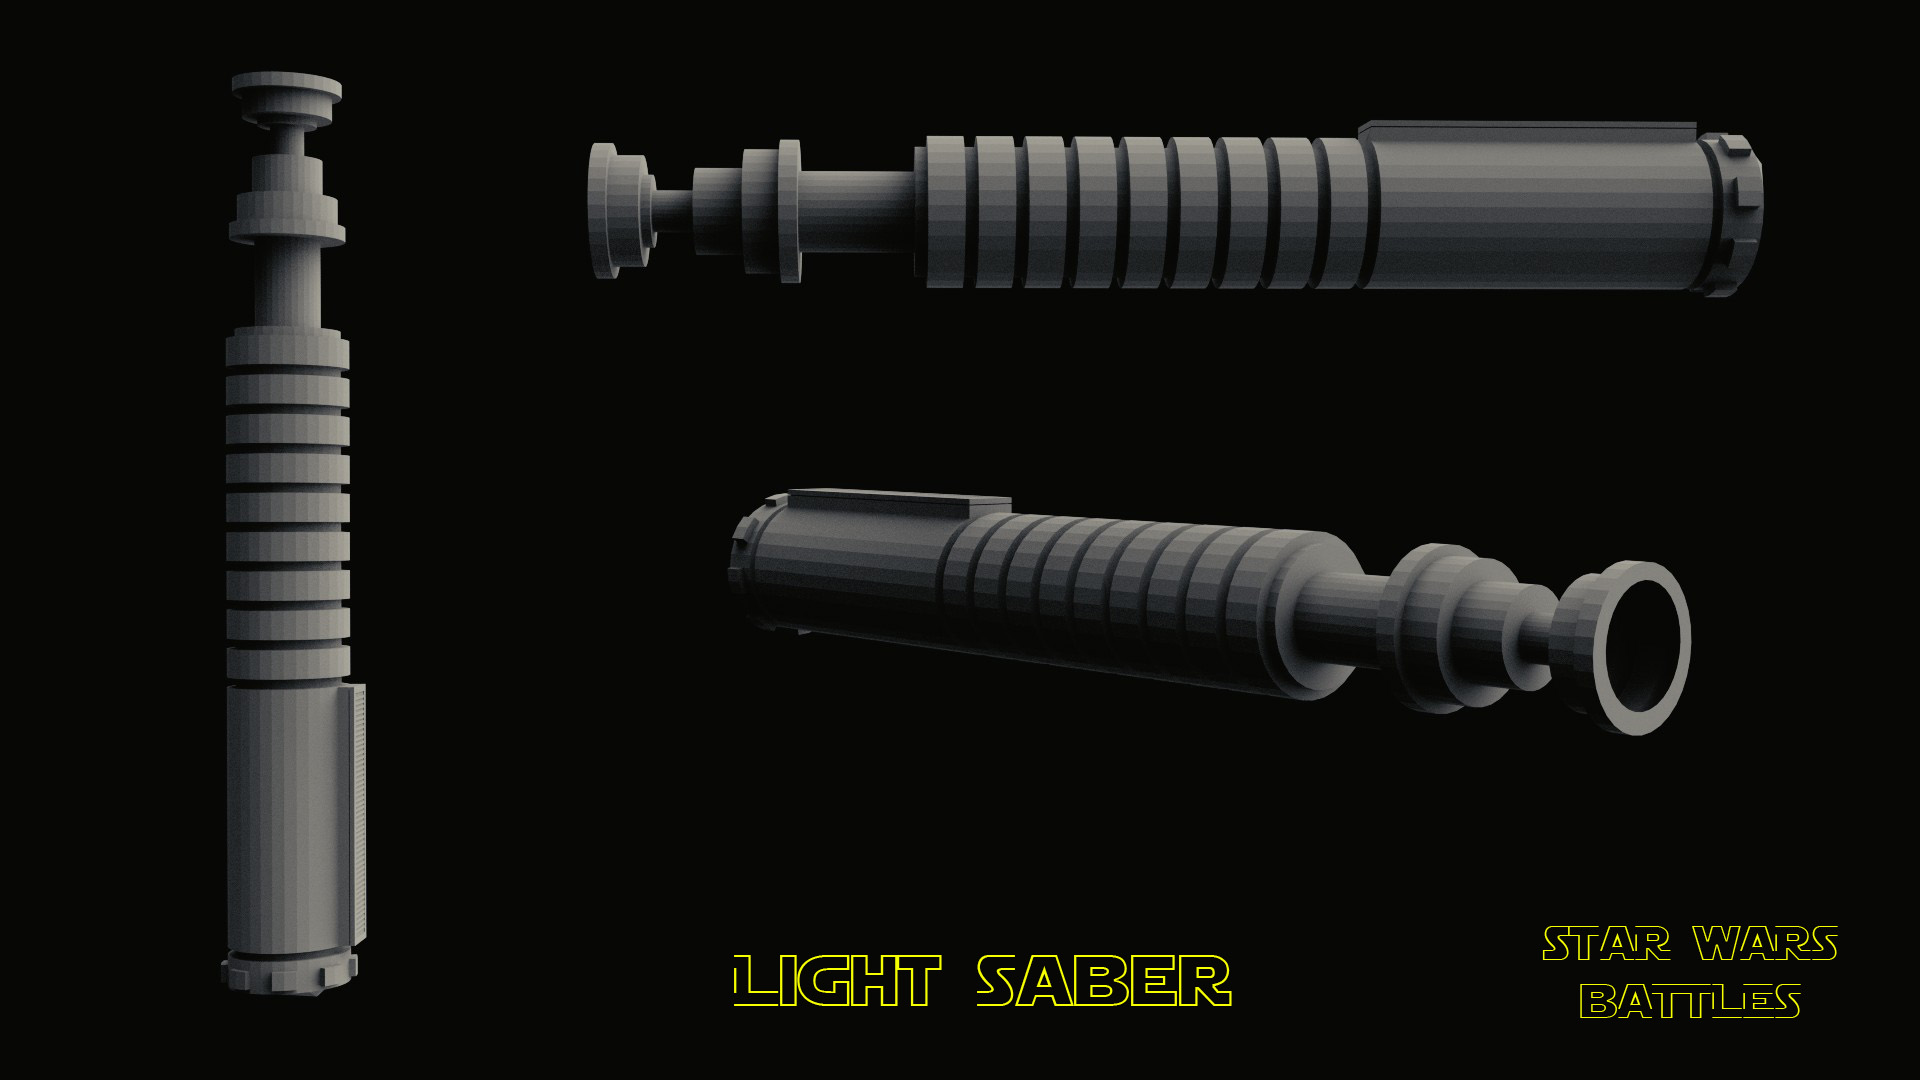 LightSaber render